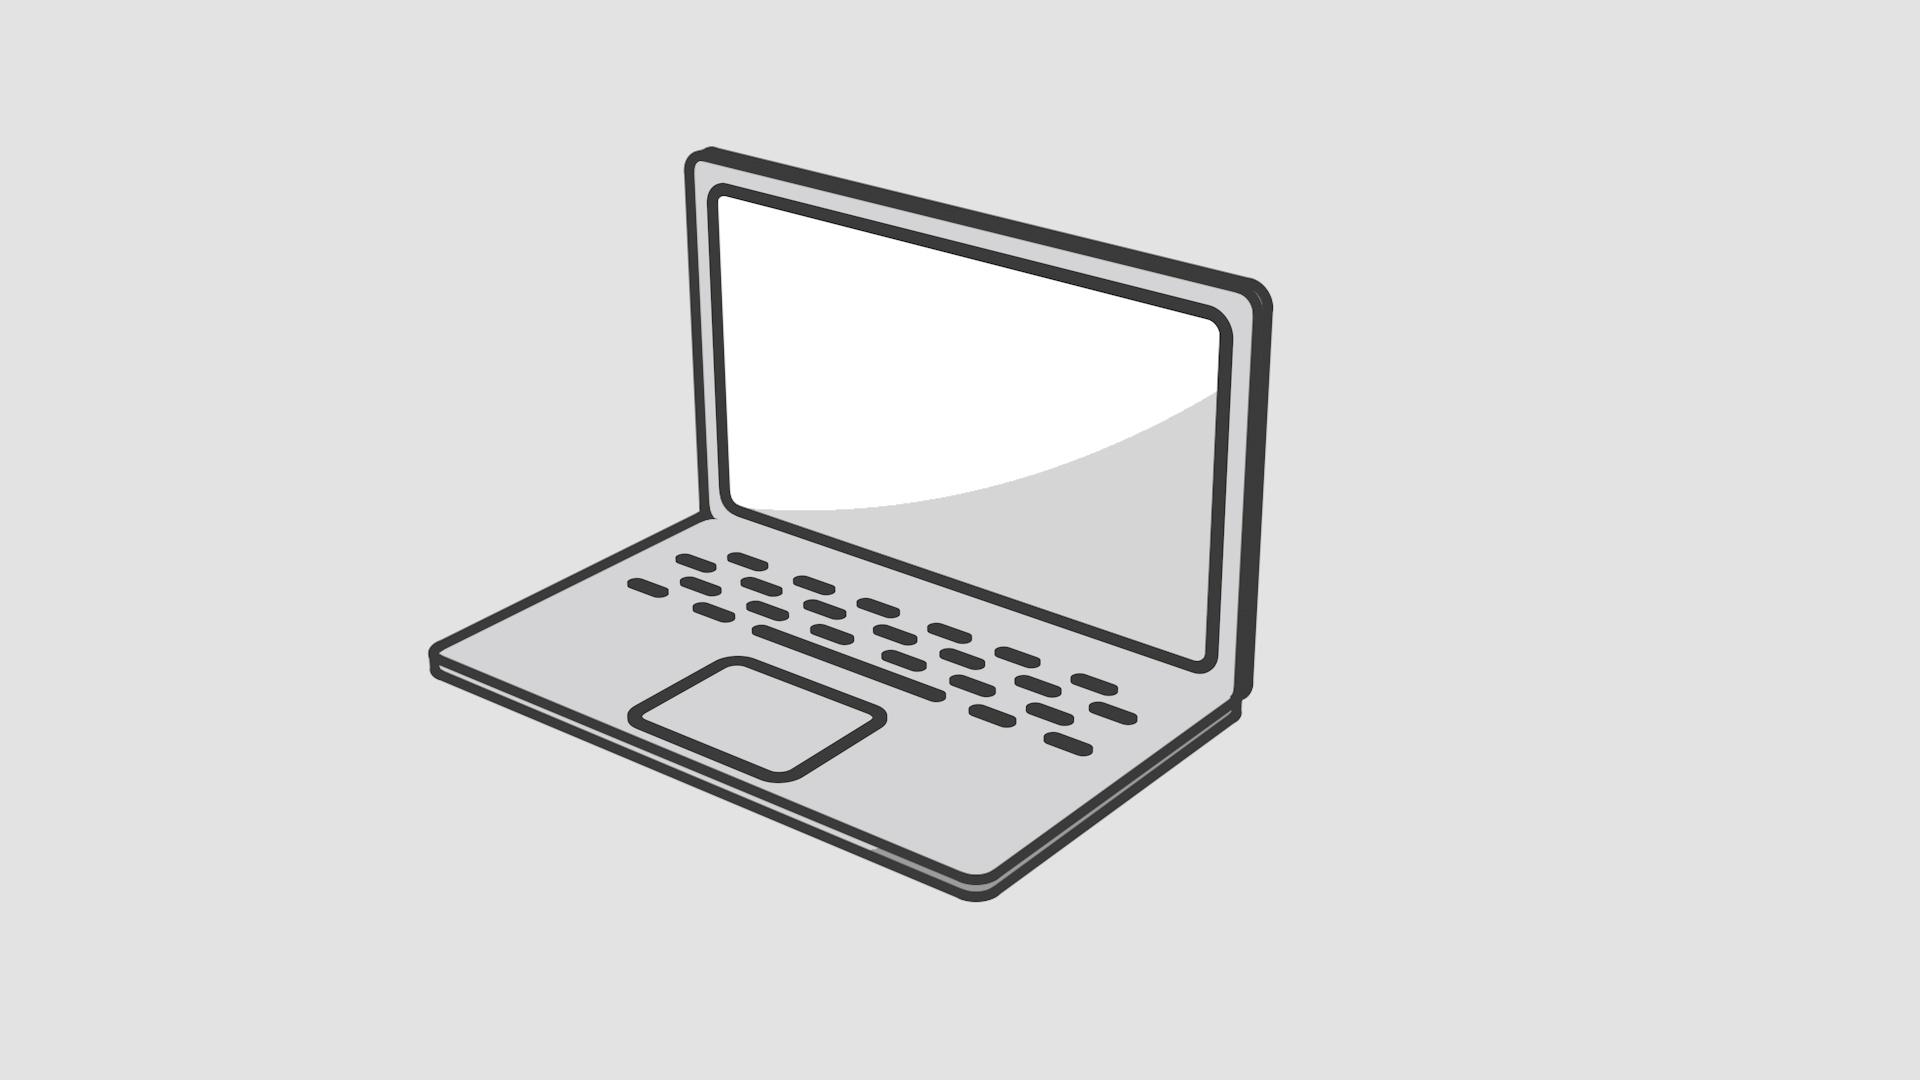 Laptop Design Concept